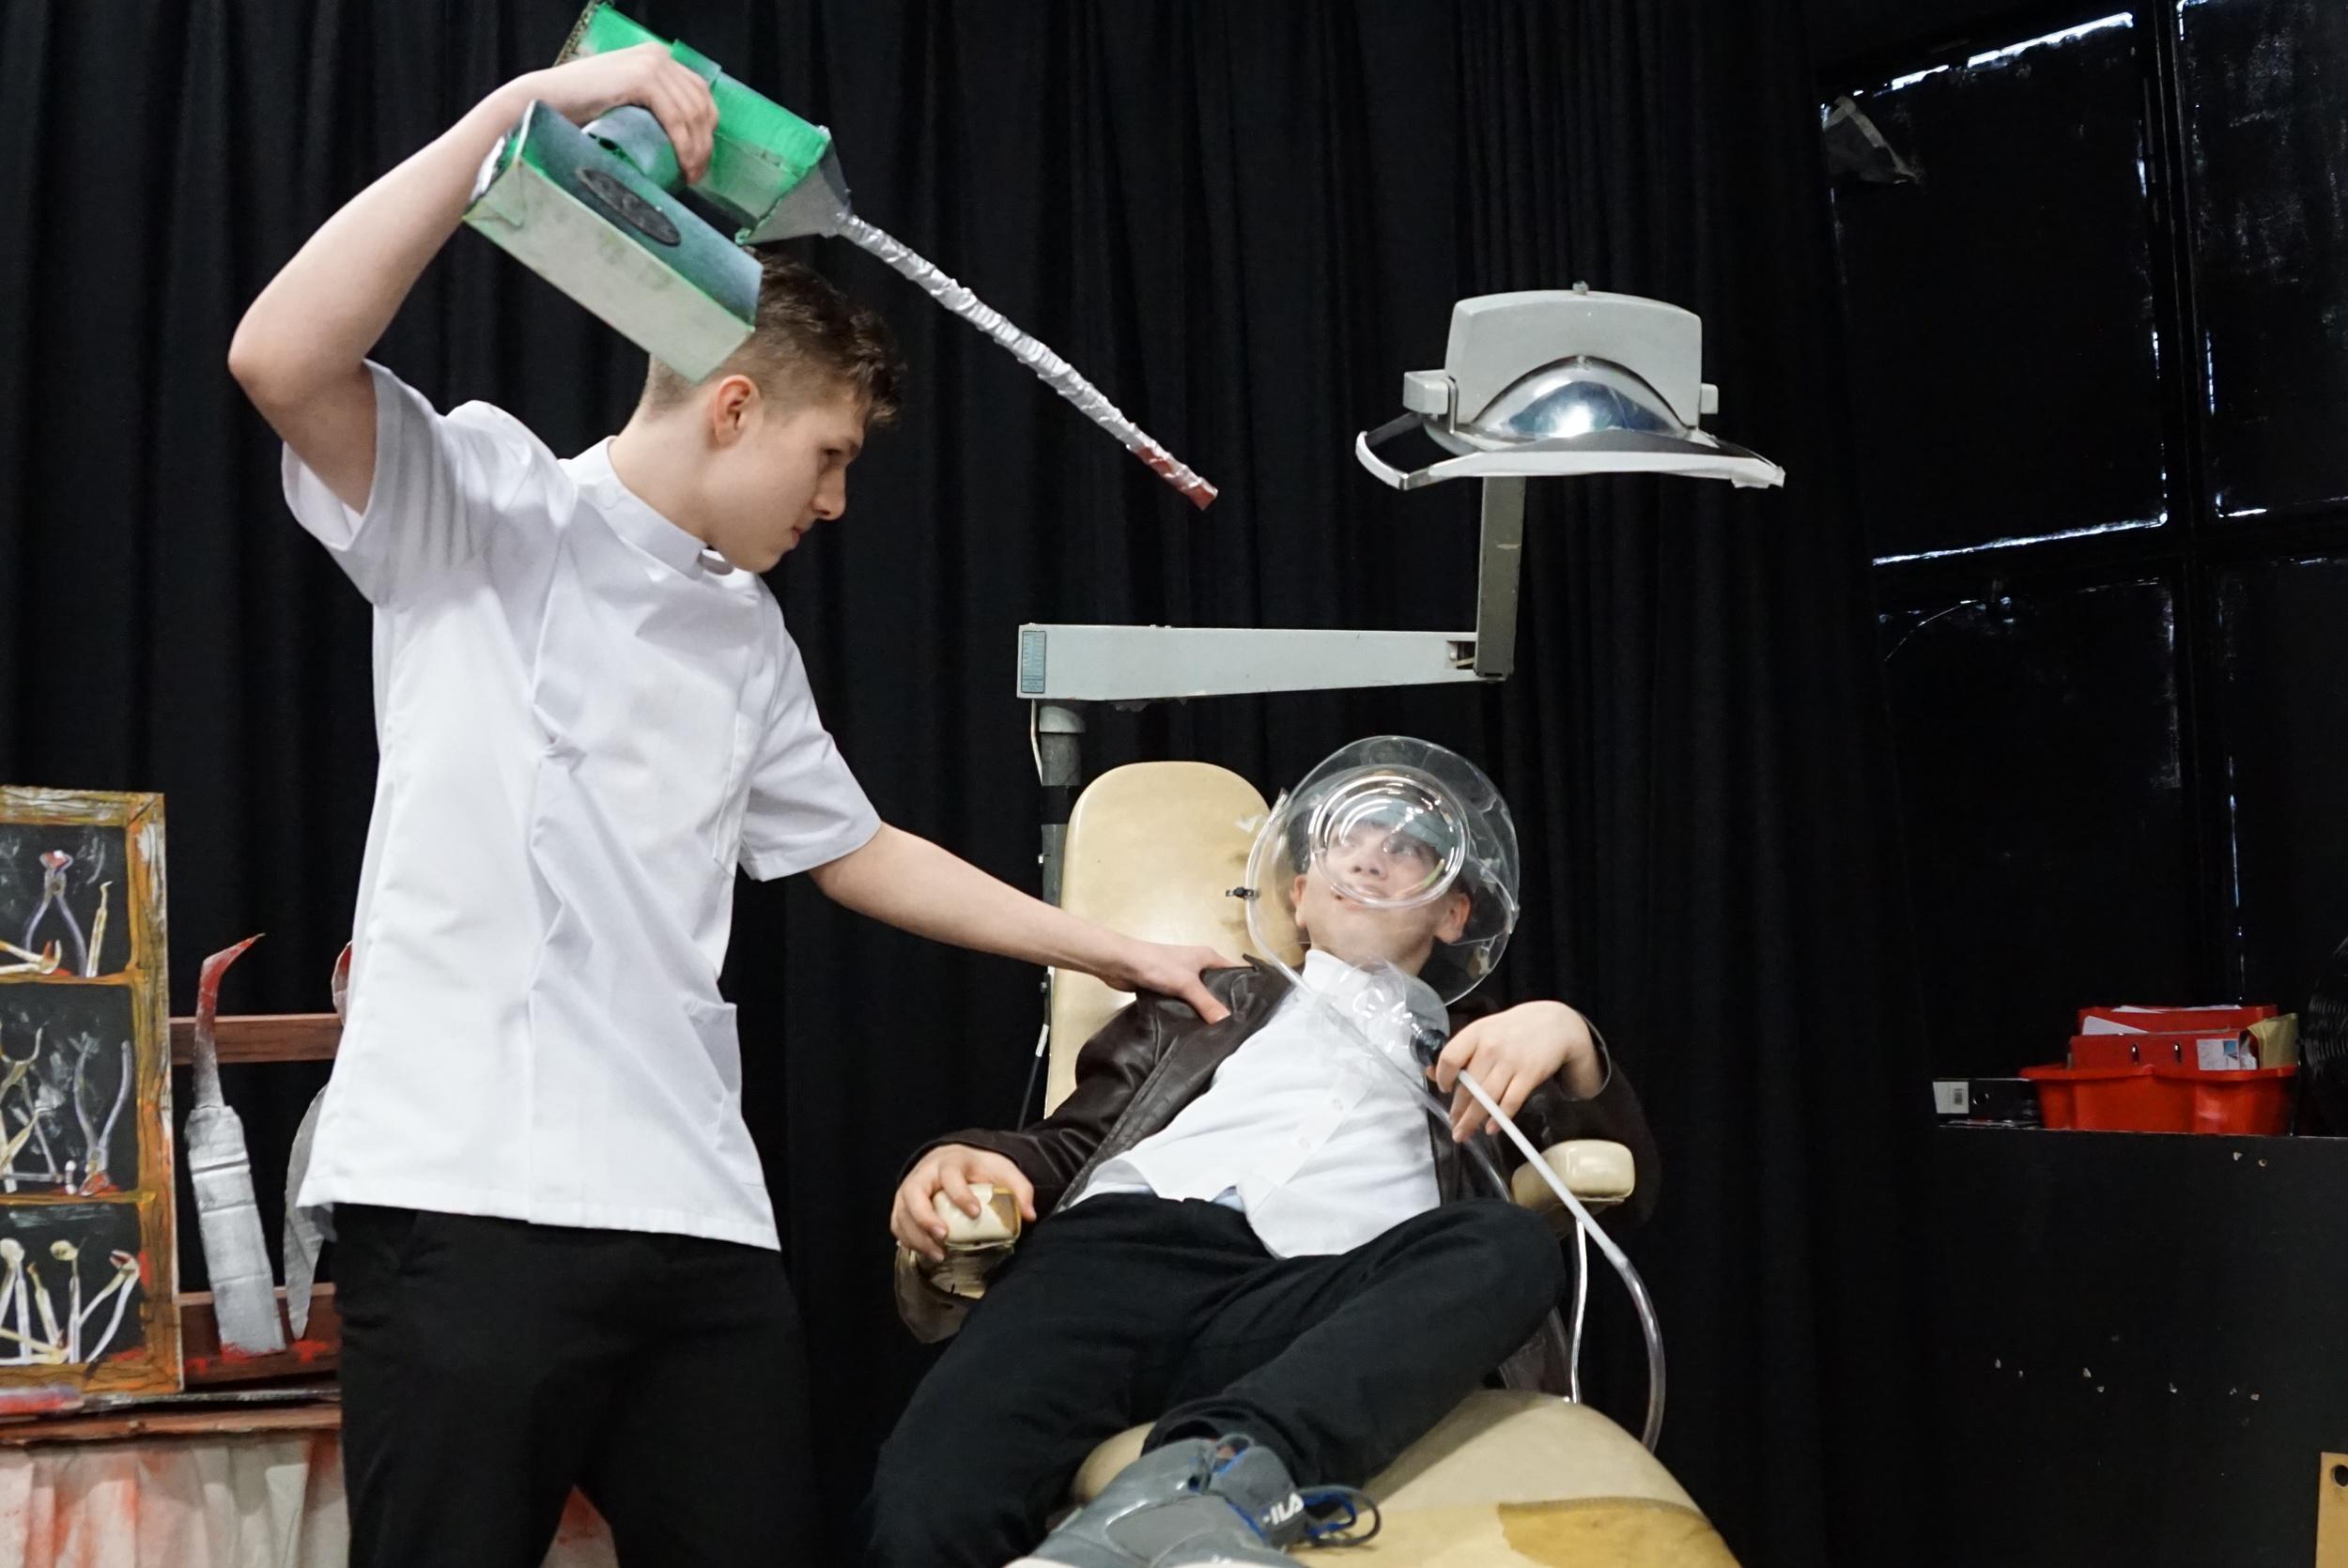 dentist scene